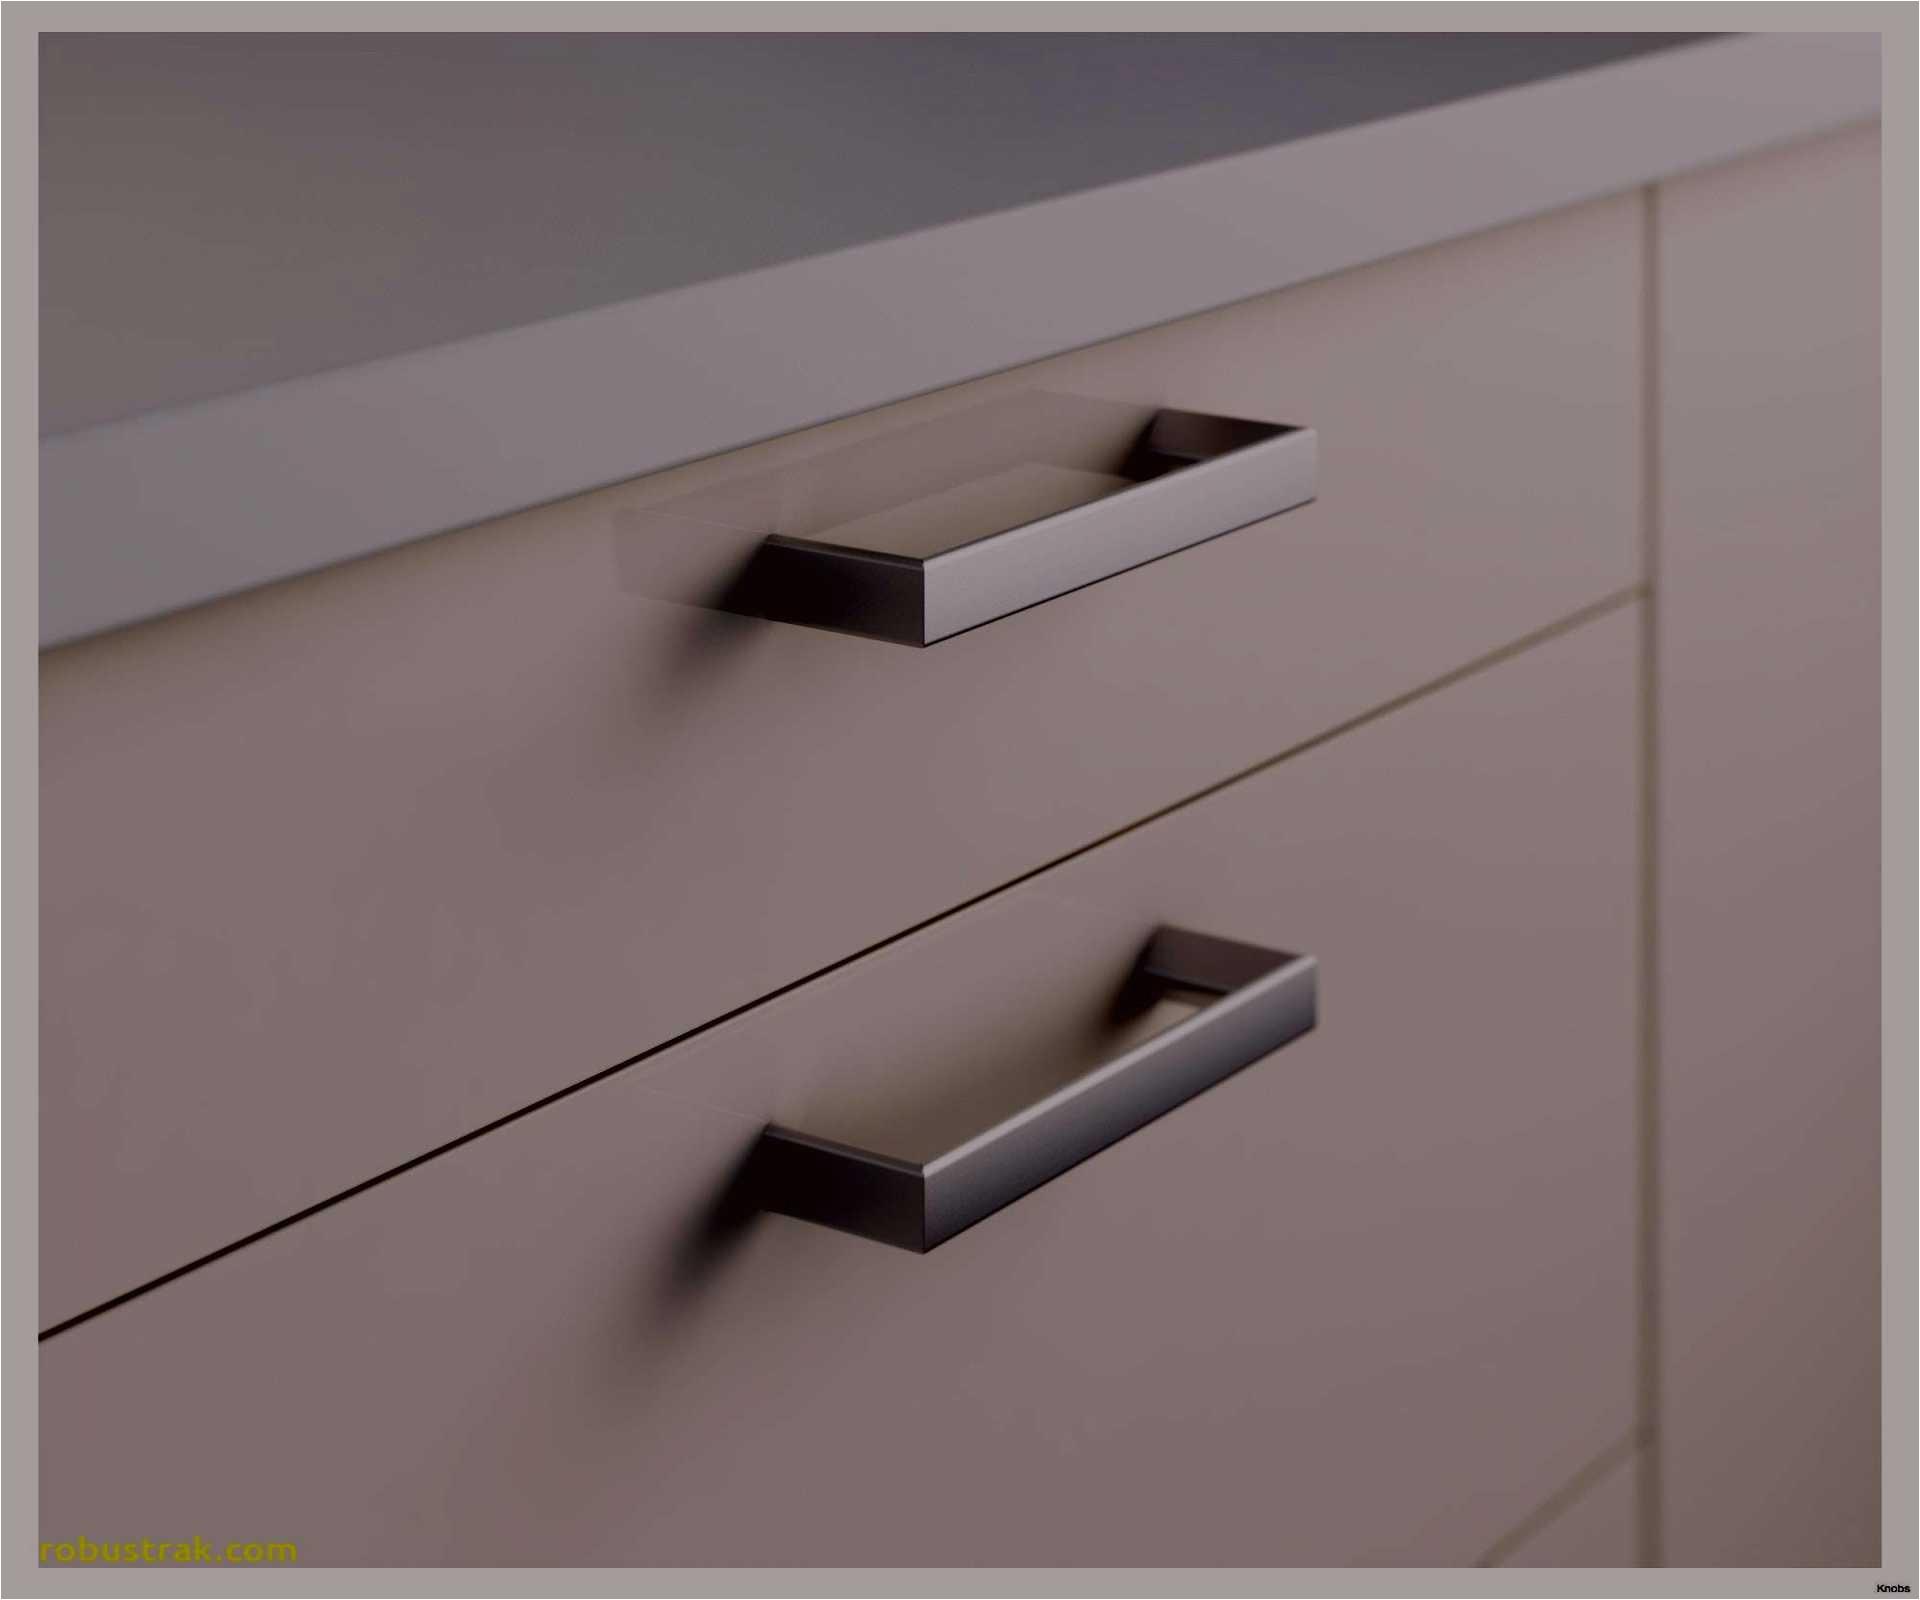 discount dresser drawer pulls best of dresser drawer pulls sooryfo of 25 inspirational discount dresser drawer